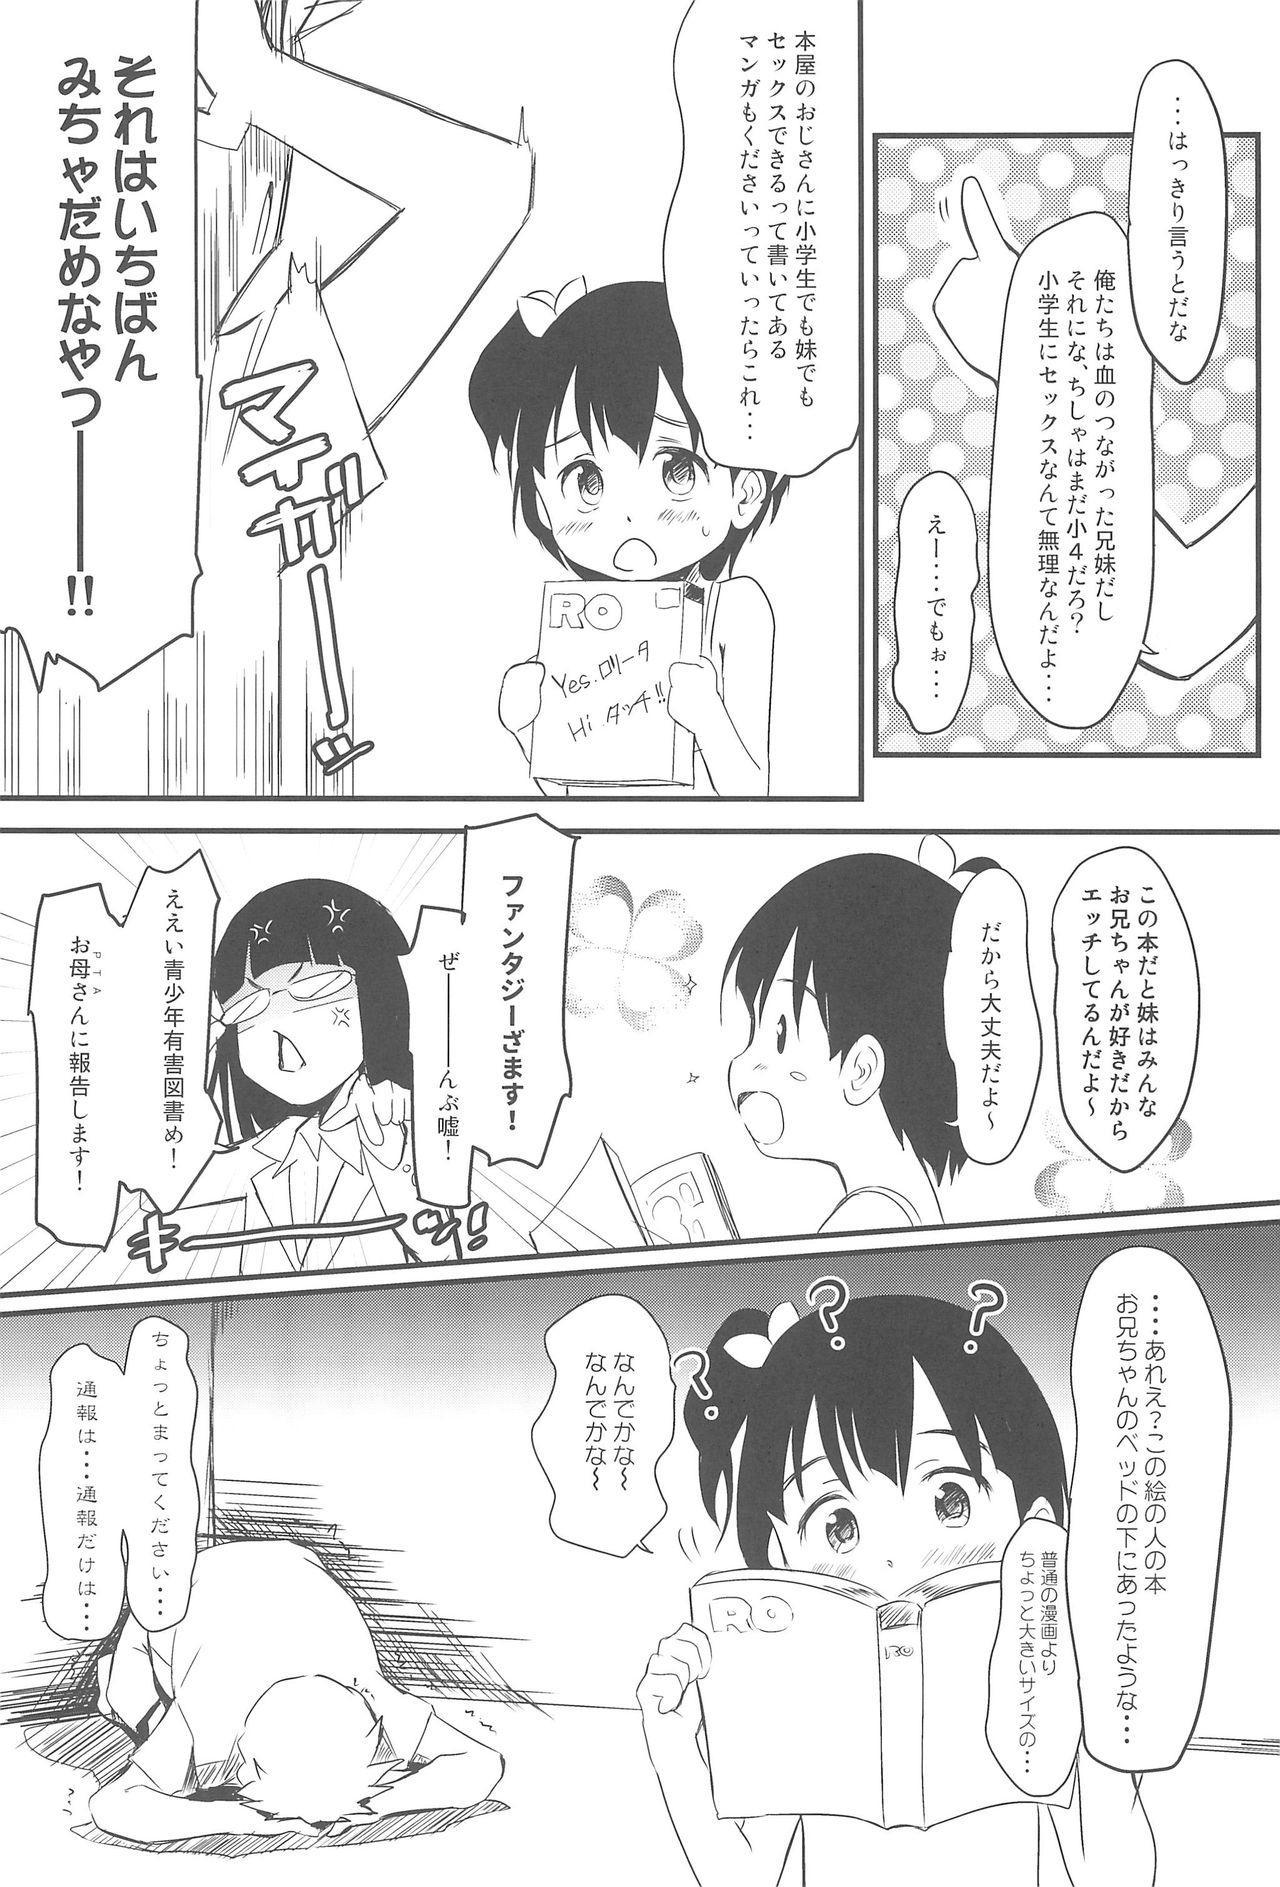 Imouto wa Minna Onii-chan ga Suki! 5 12